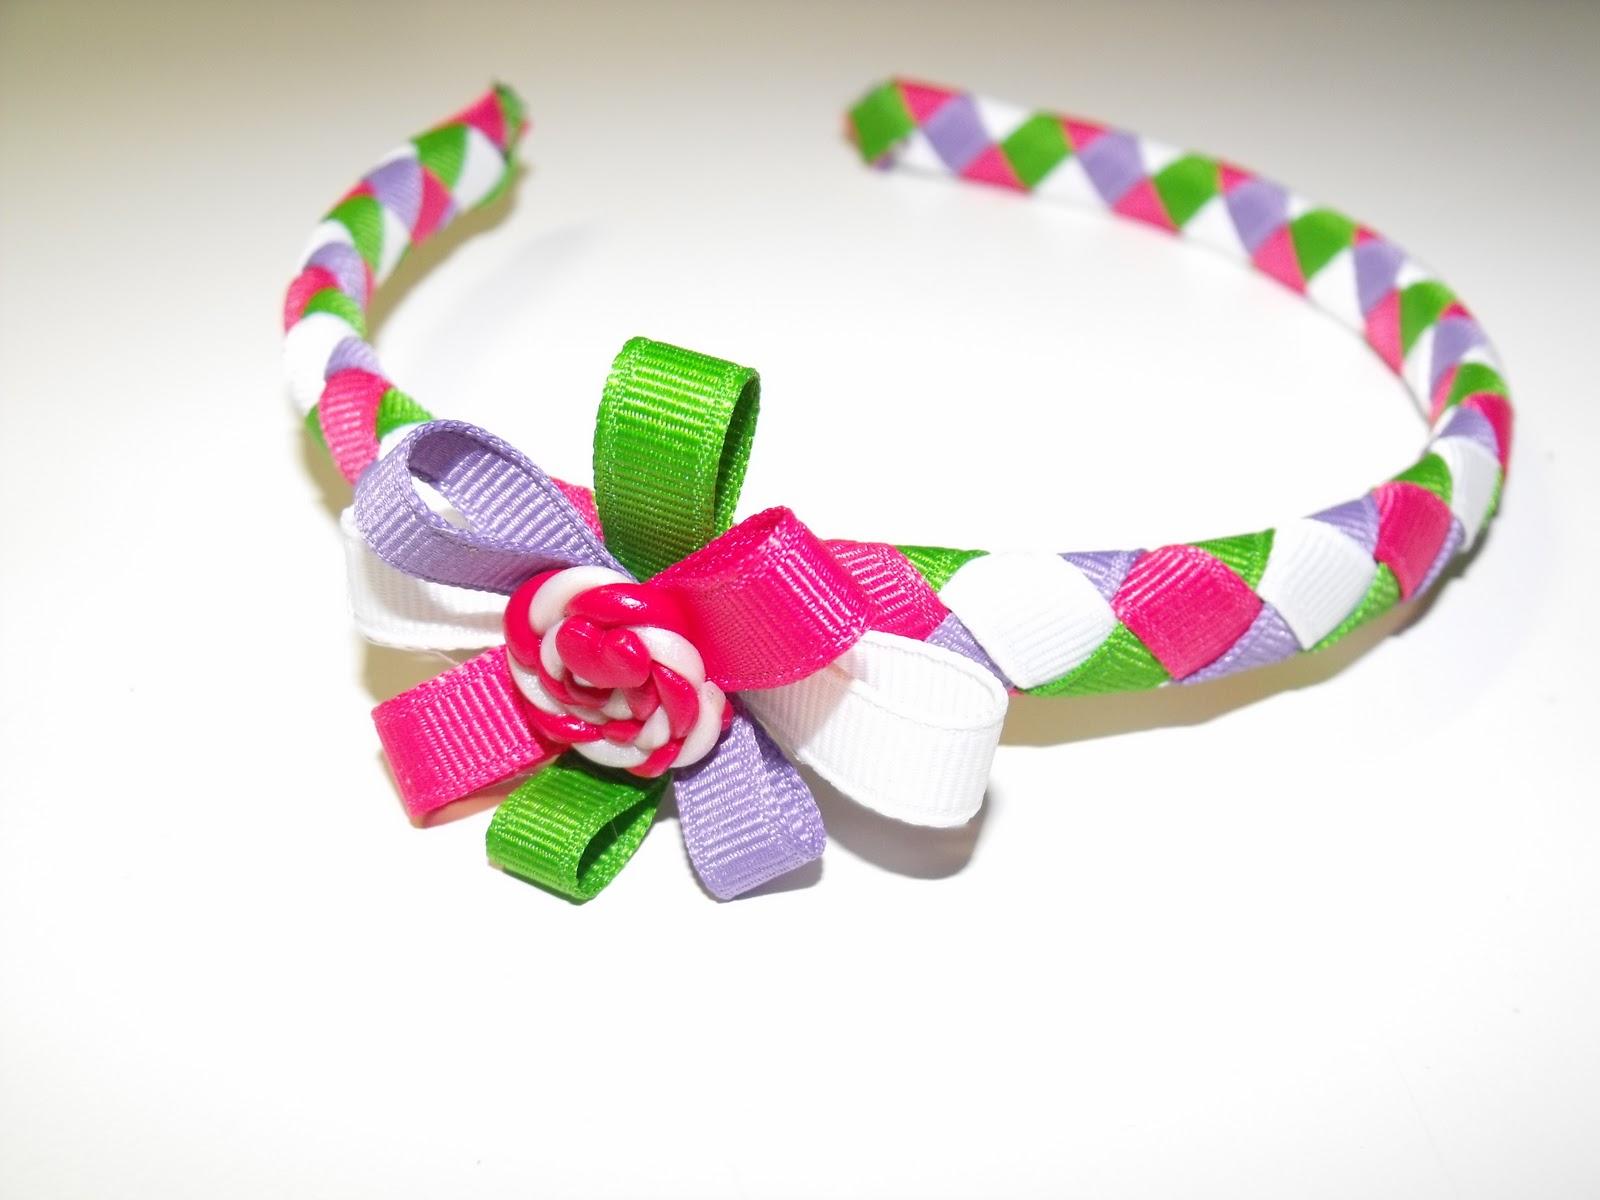 Cerchietti per bambine fatti a mano - Il blog di Cristiana Calilli b19cd52d4b77